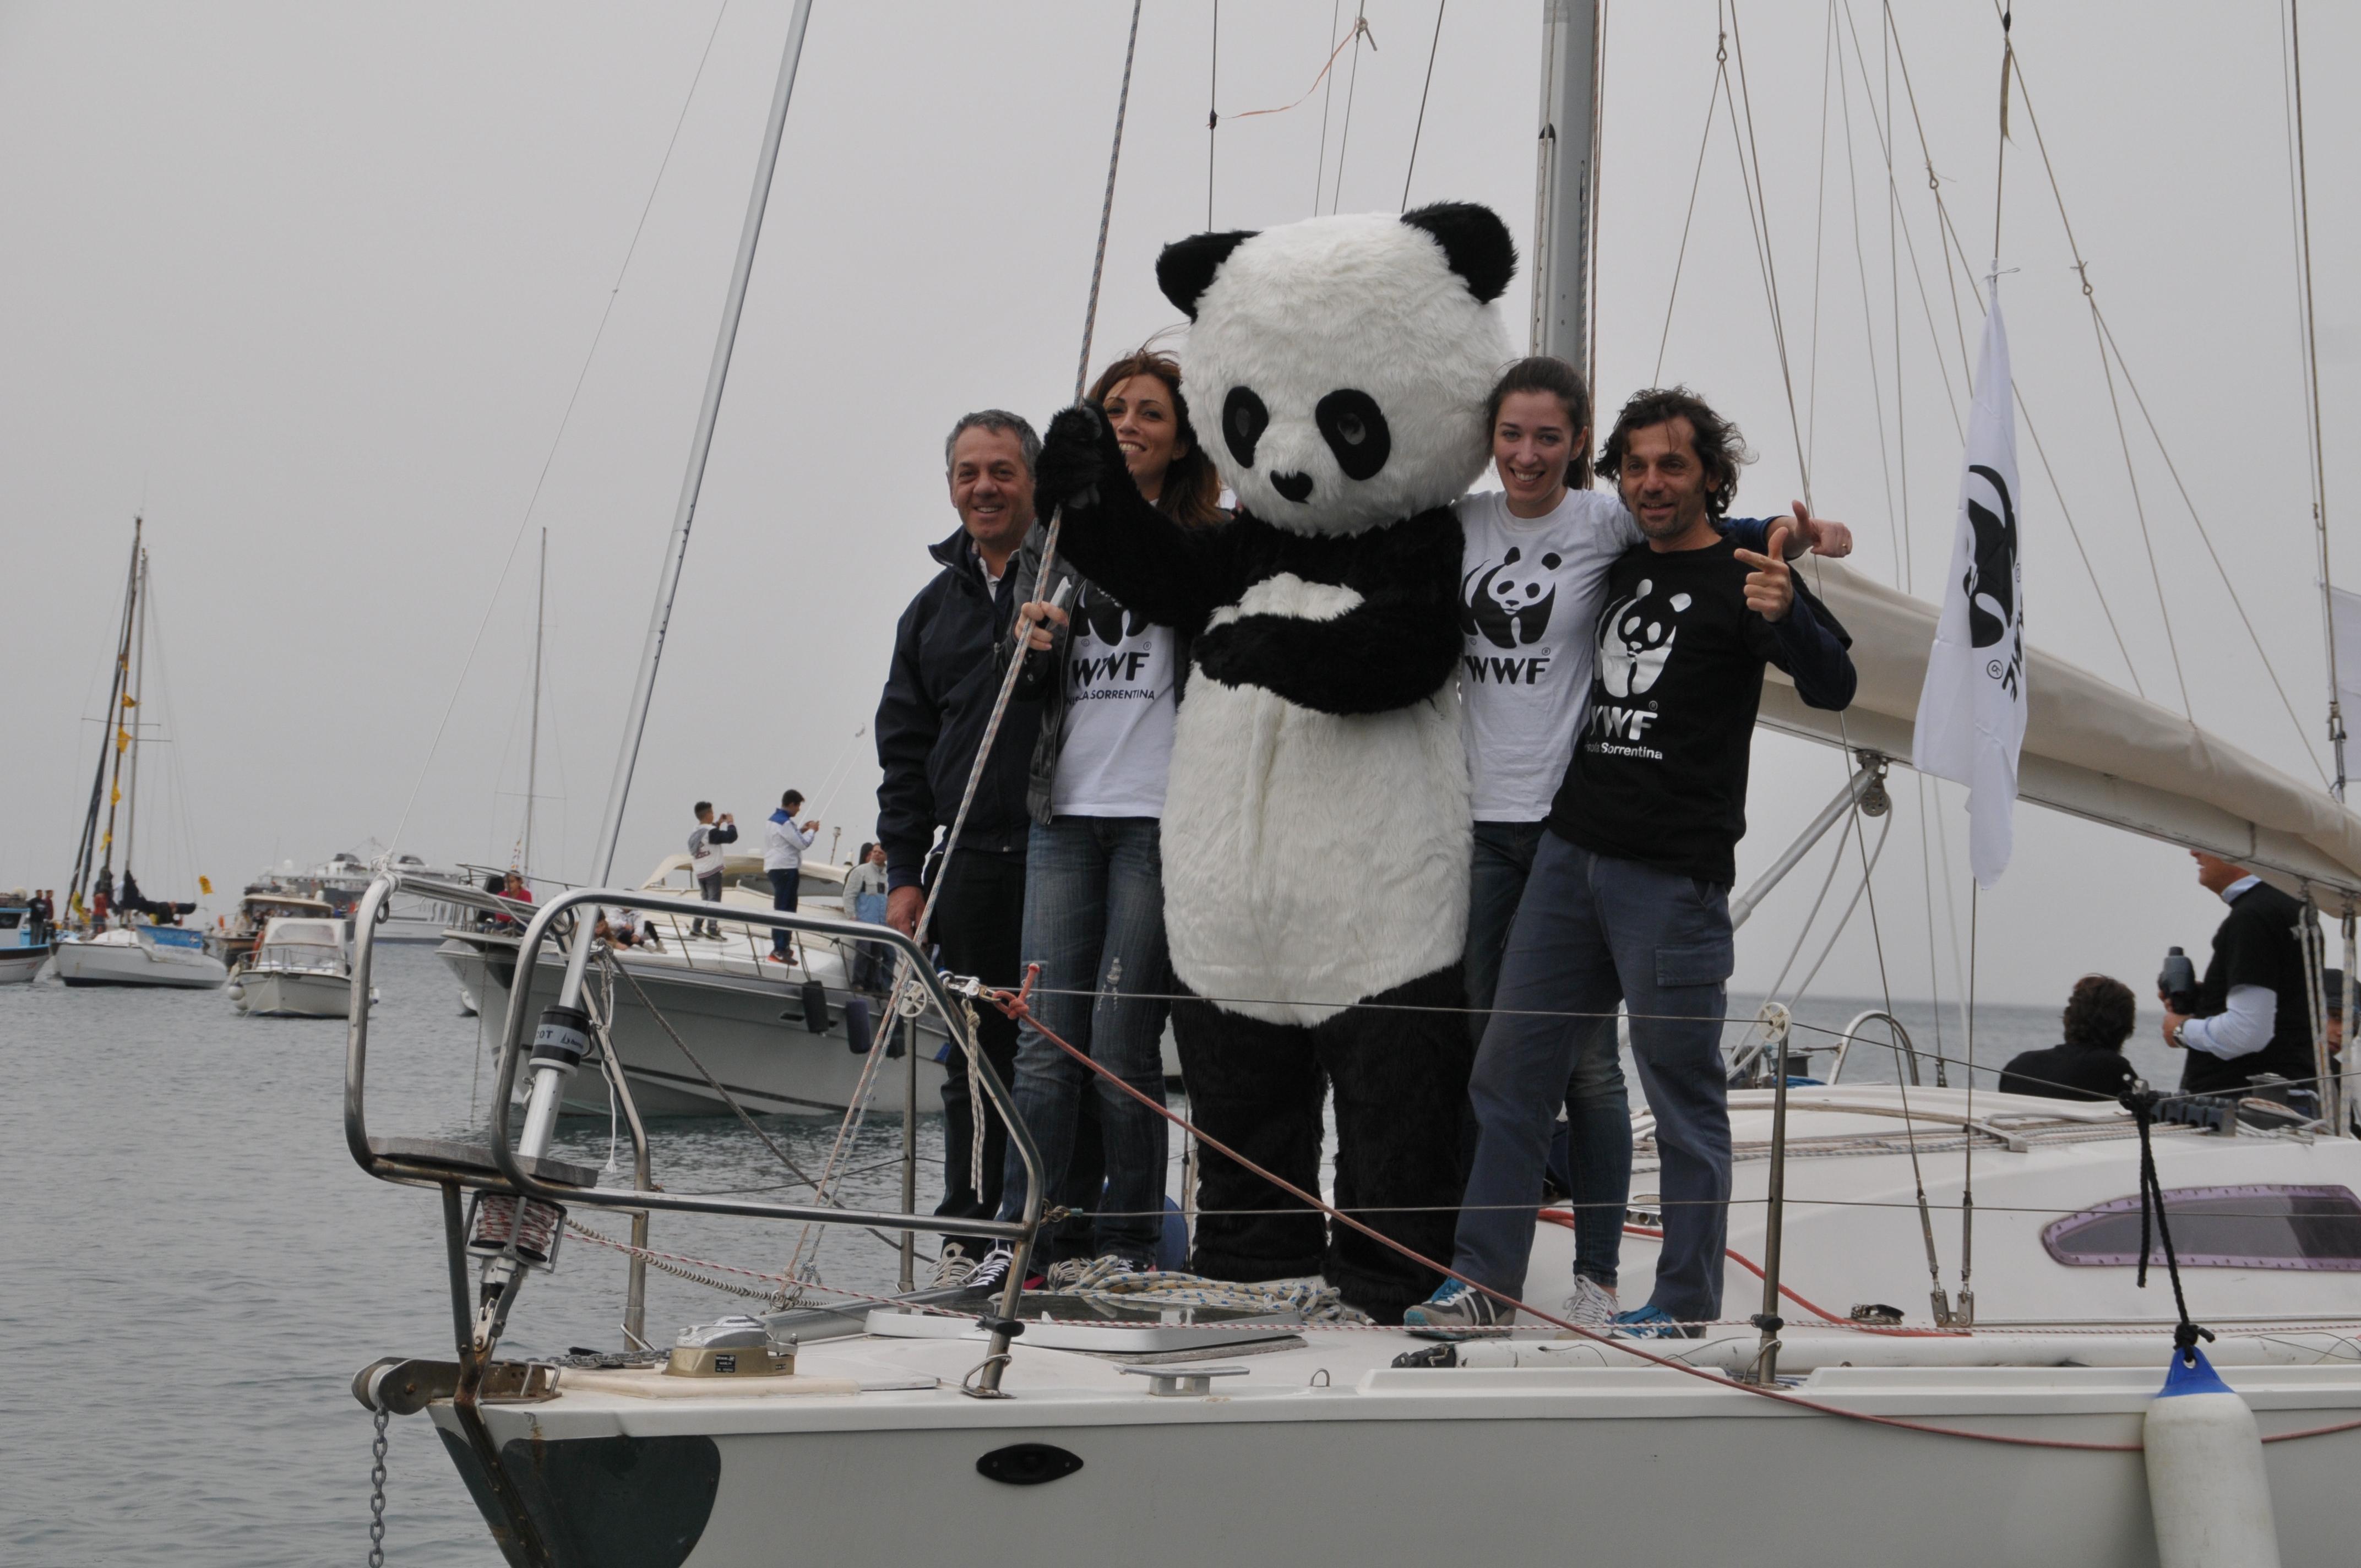 NO ALLA VIOLENZA ED ALL'INTIMIDAZIONI: SABATO CONFERENZA STAMPA DEL WWF